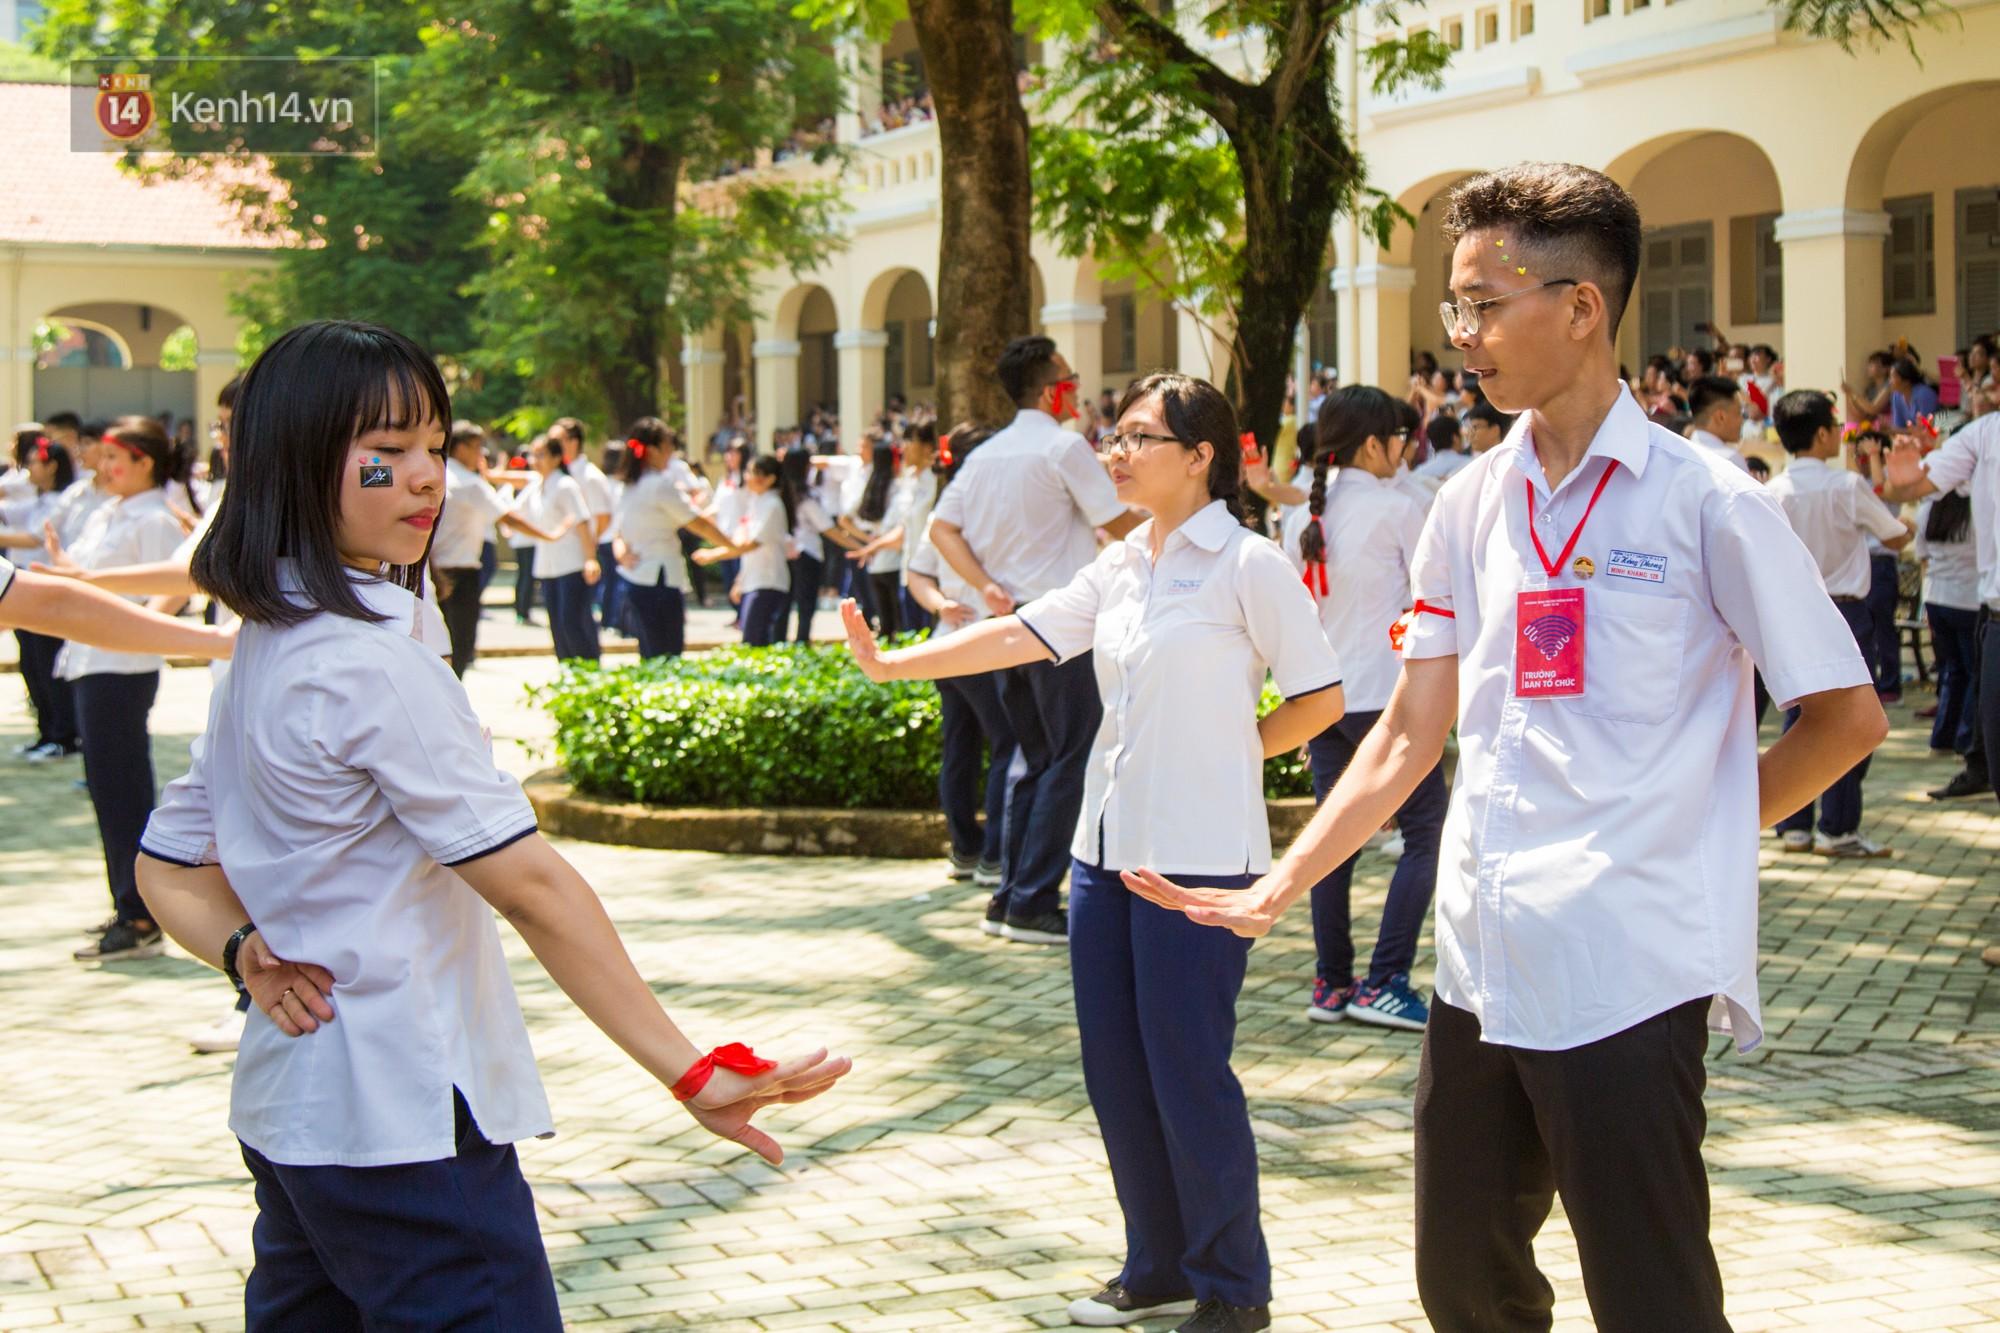 Ngày ra trường của teen Lê Hồng Phong: Nụ cười và nước mắt, bạn tôi ơi xin bên nhau thêm chút nữa!-6